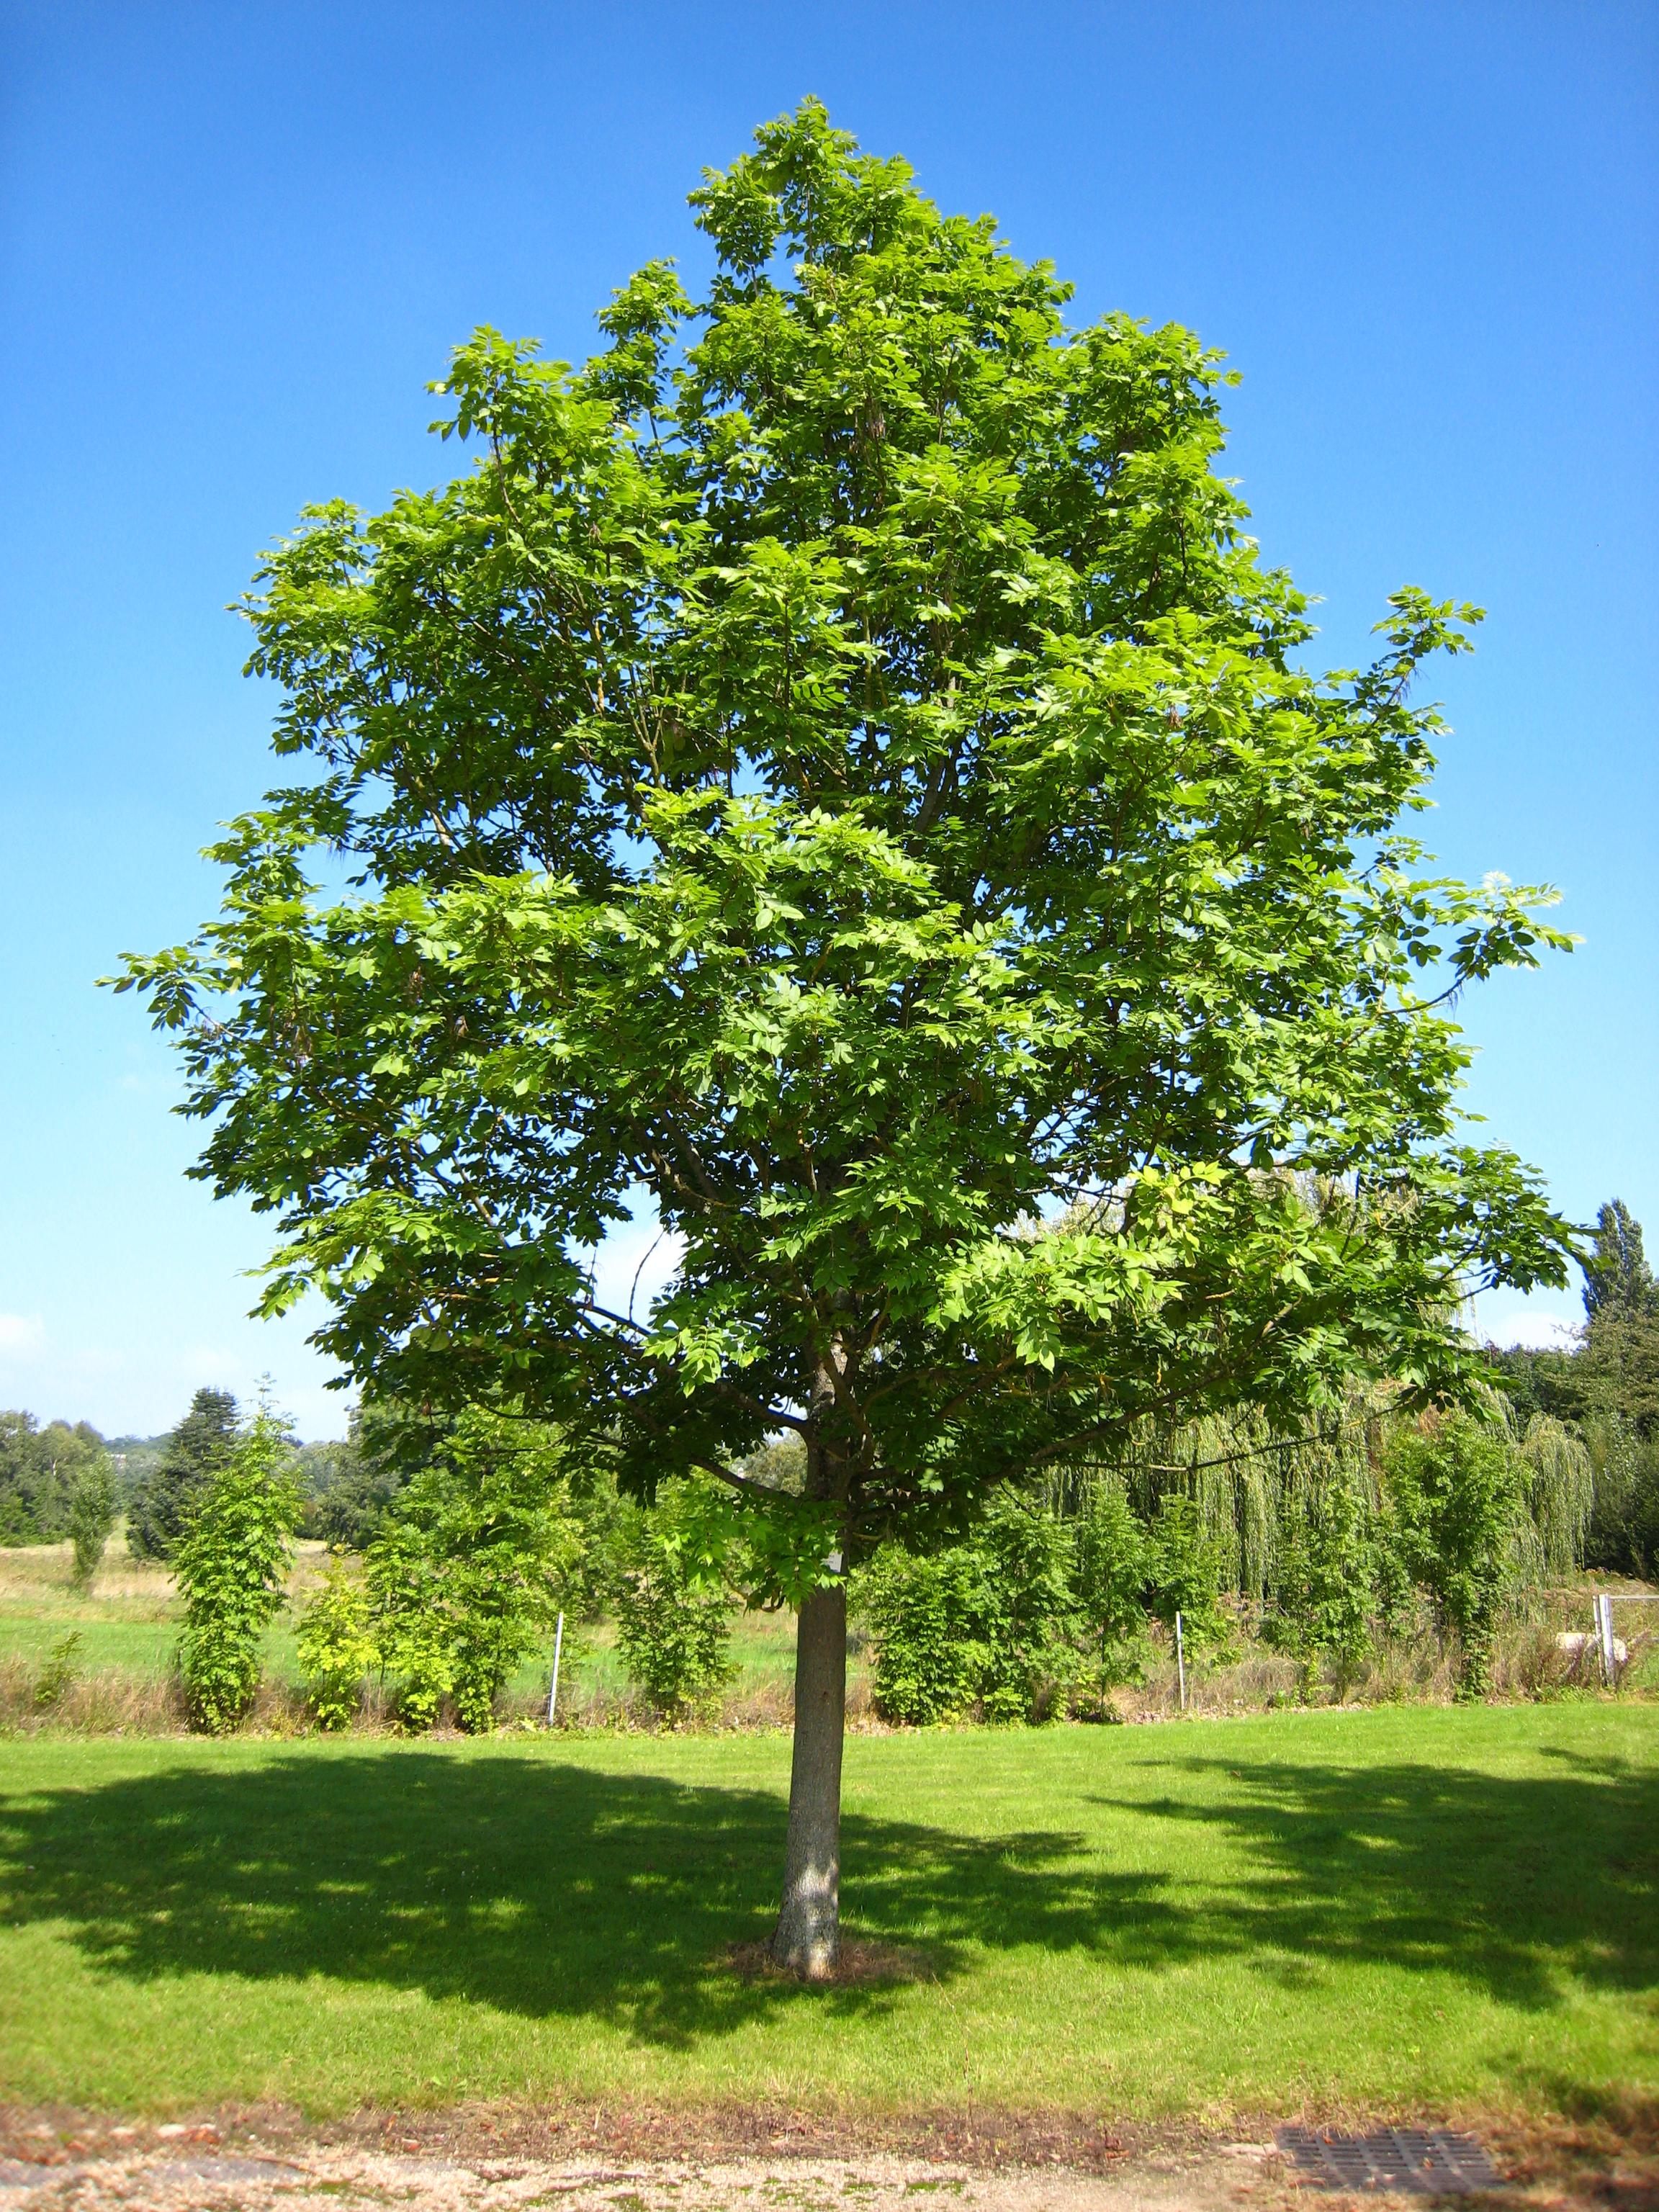 Виды ясеня фото дерева и листьев - дачный мир